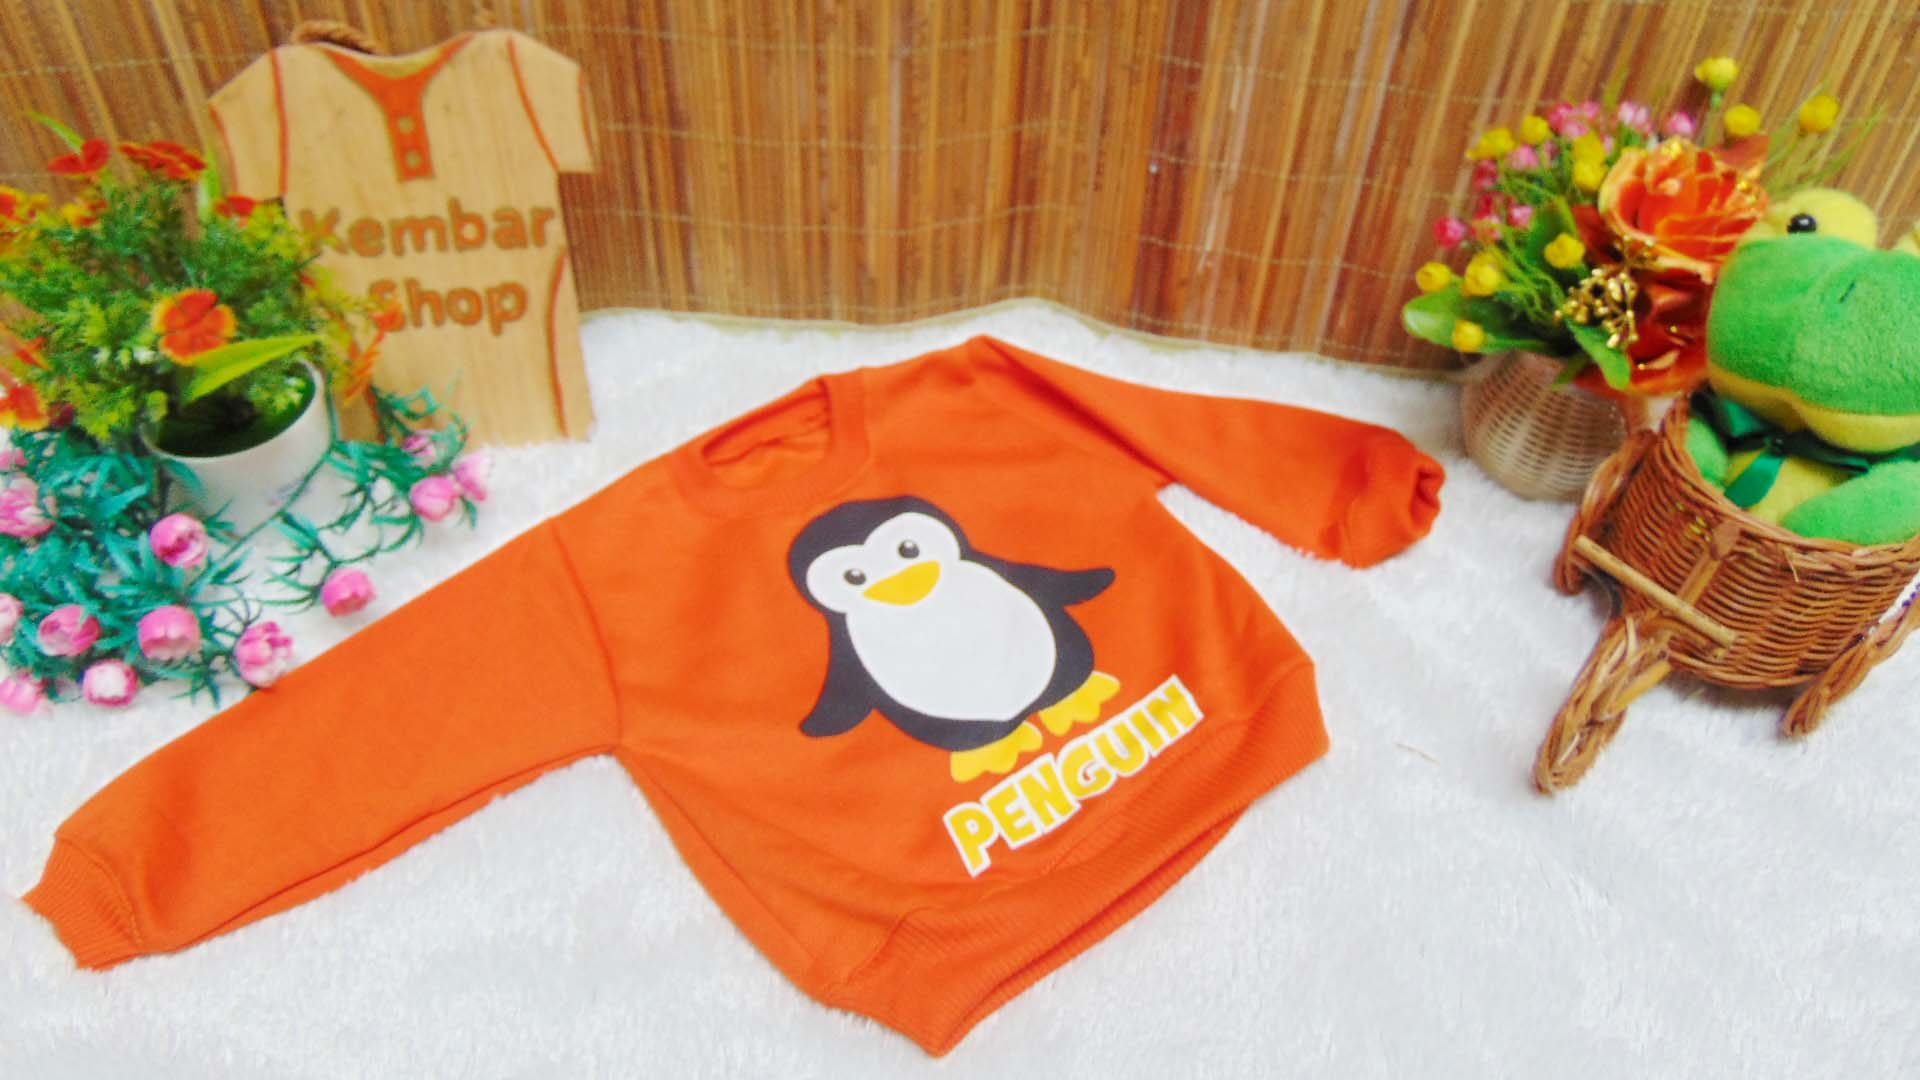 jaket baju hangat sweater kancing pundak bayi 0-2th motif penguin (3)